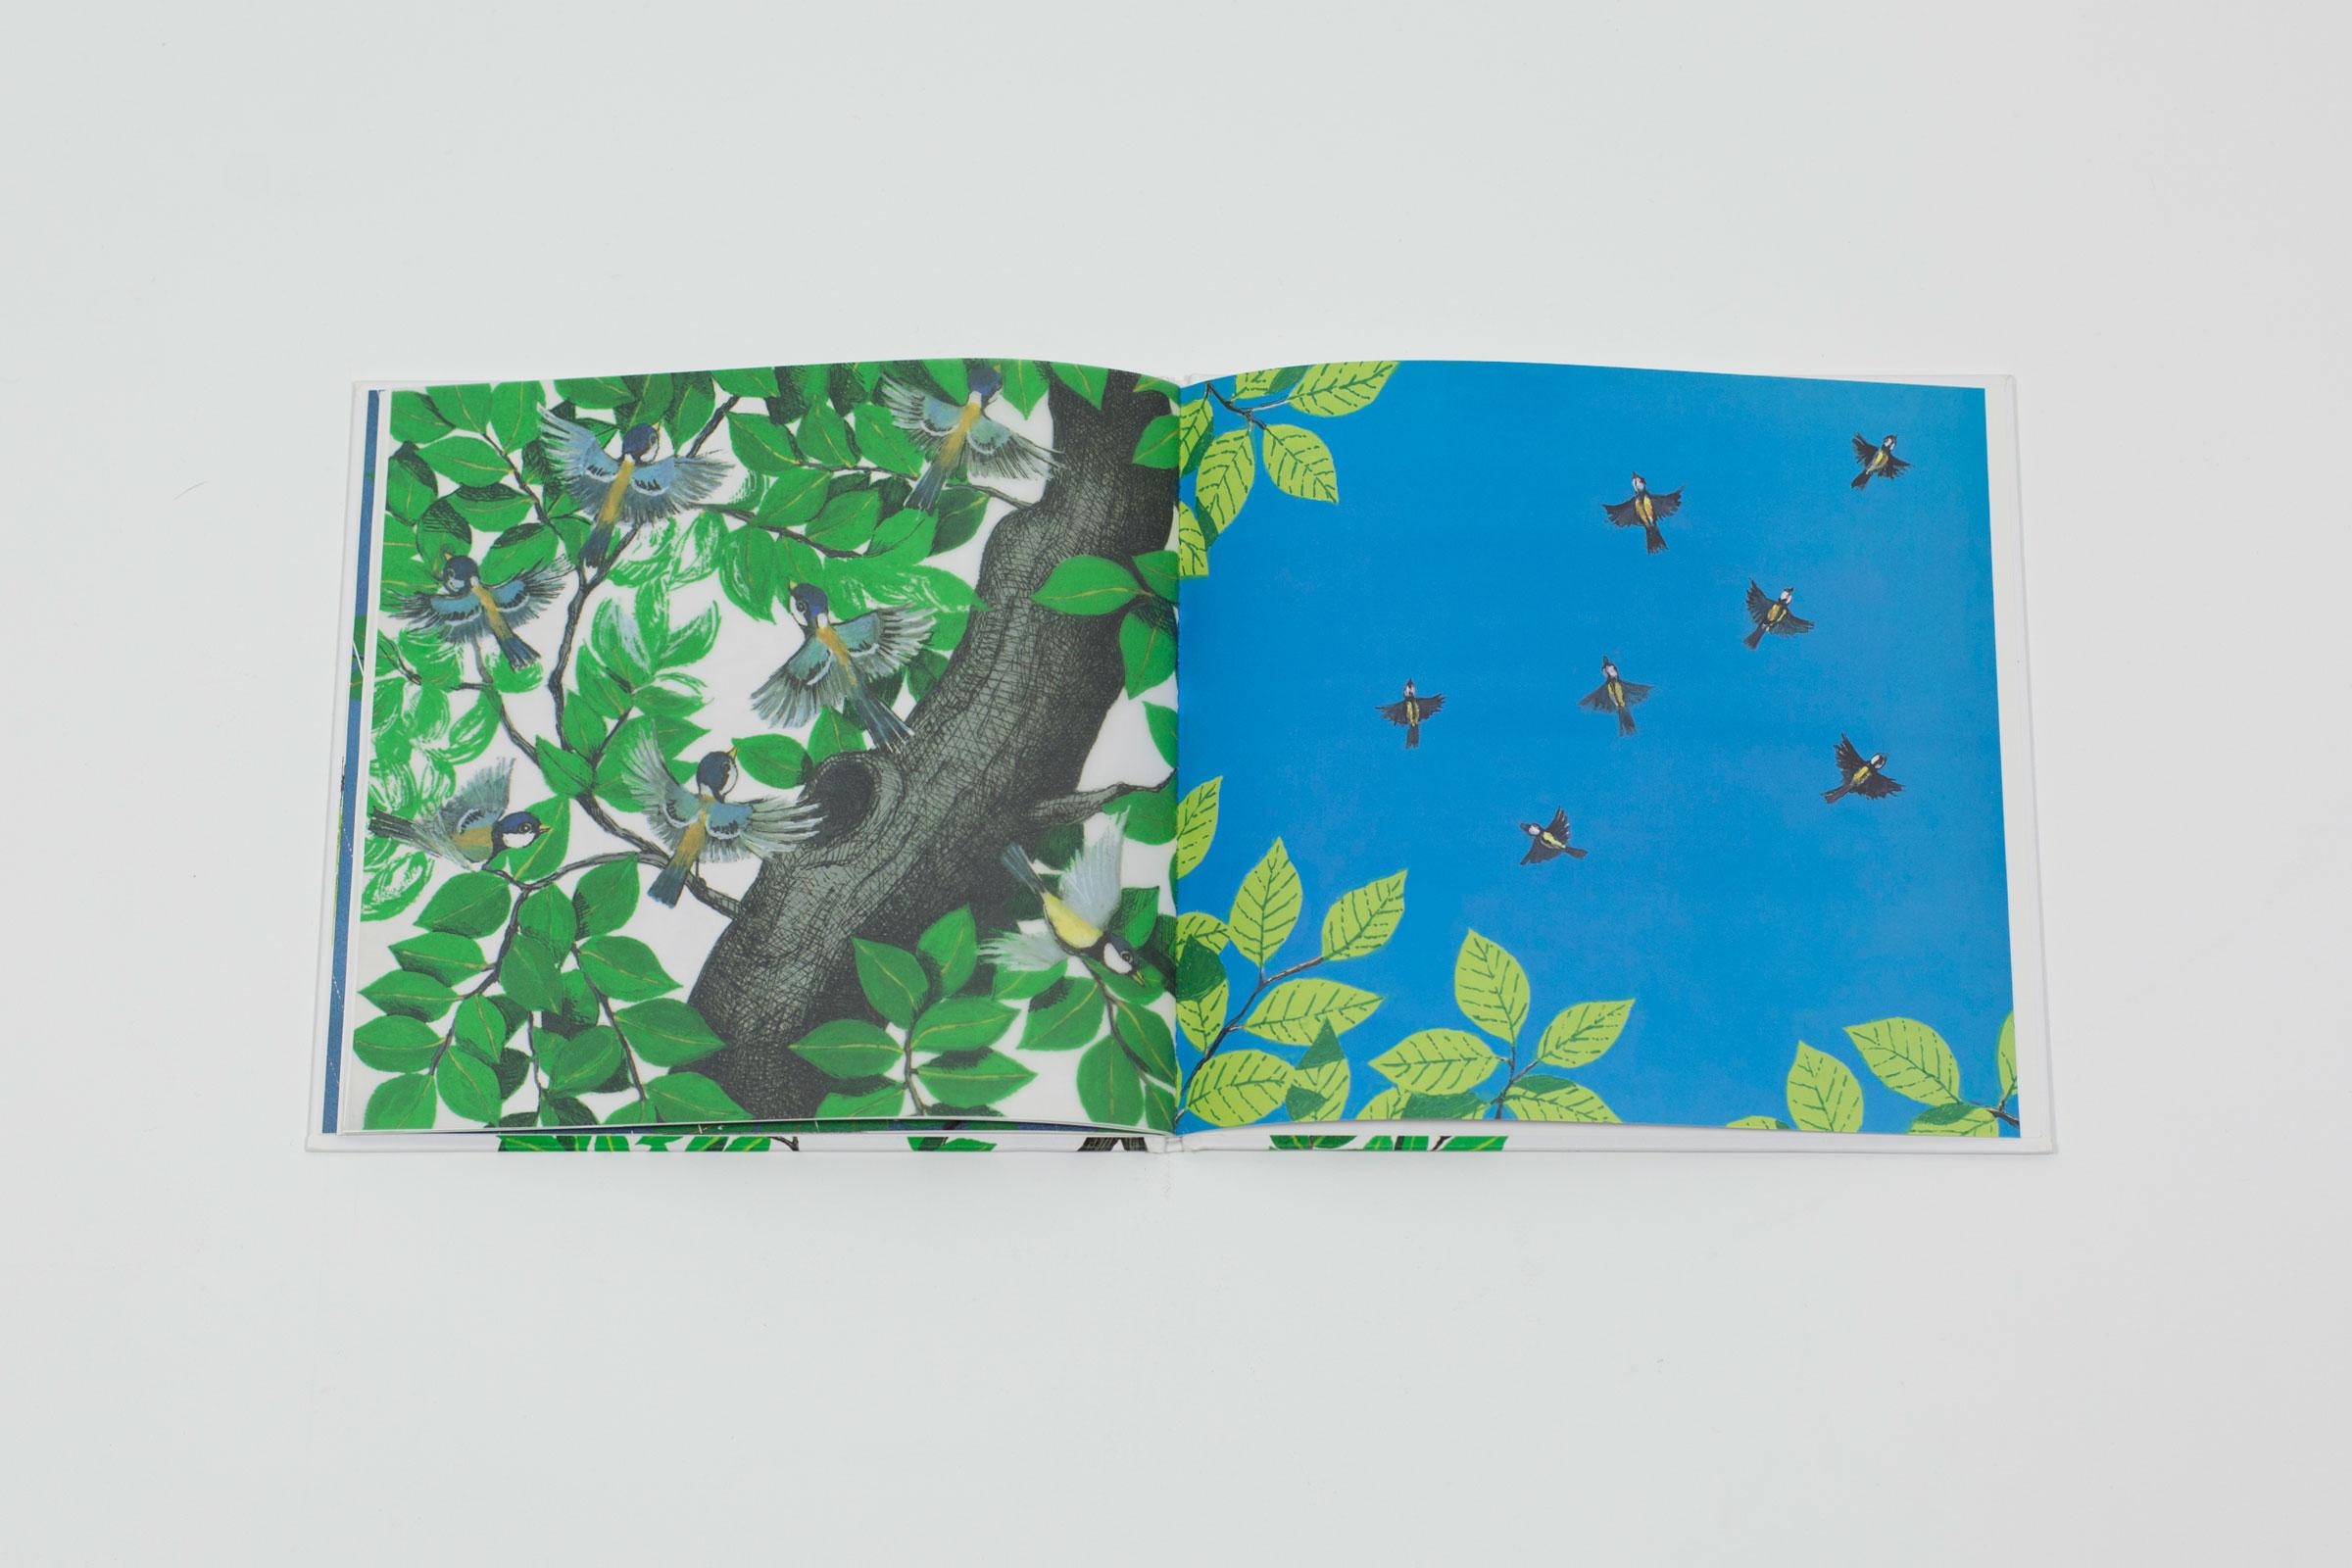 Les petits oiseaux susumu shingu livre jeunesse 2006 for Les petits oiseaux